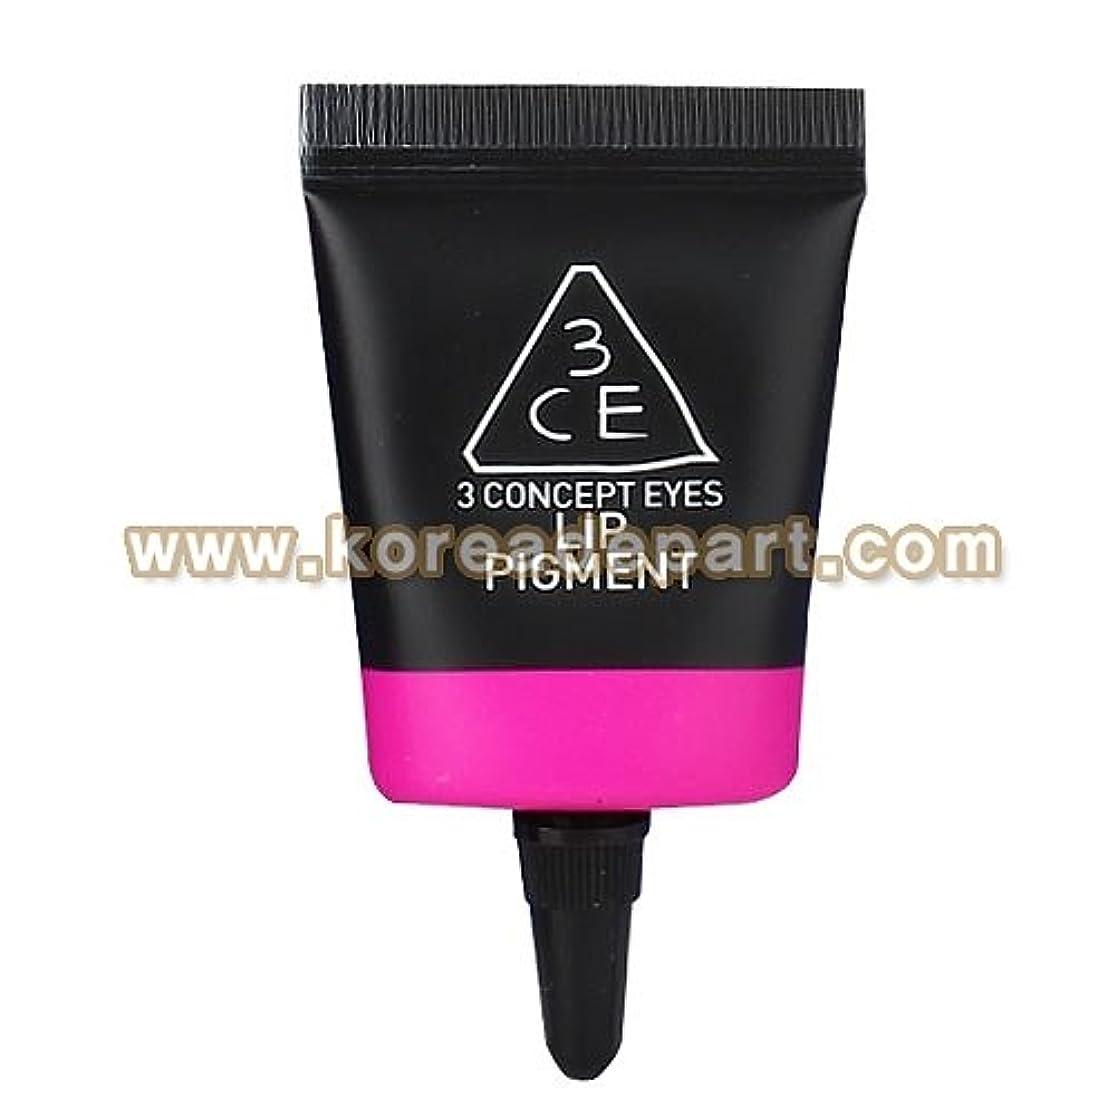 ラメ逃げるでる3CE リップ ピグメント (electro pink) [海外直送品][並行輸入品]